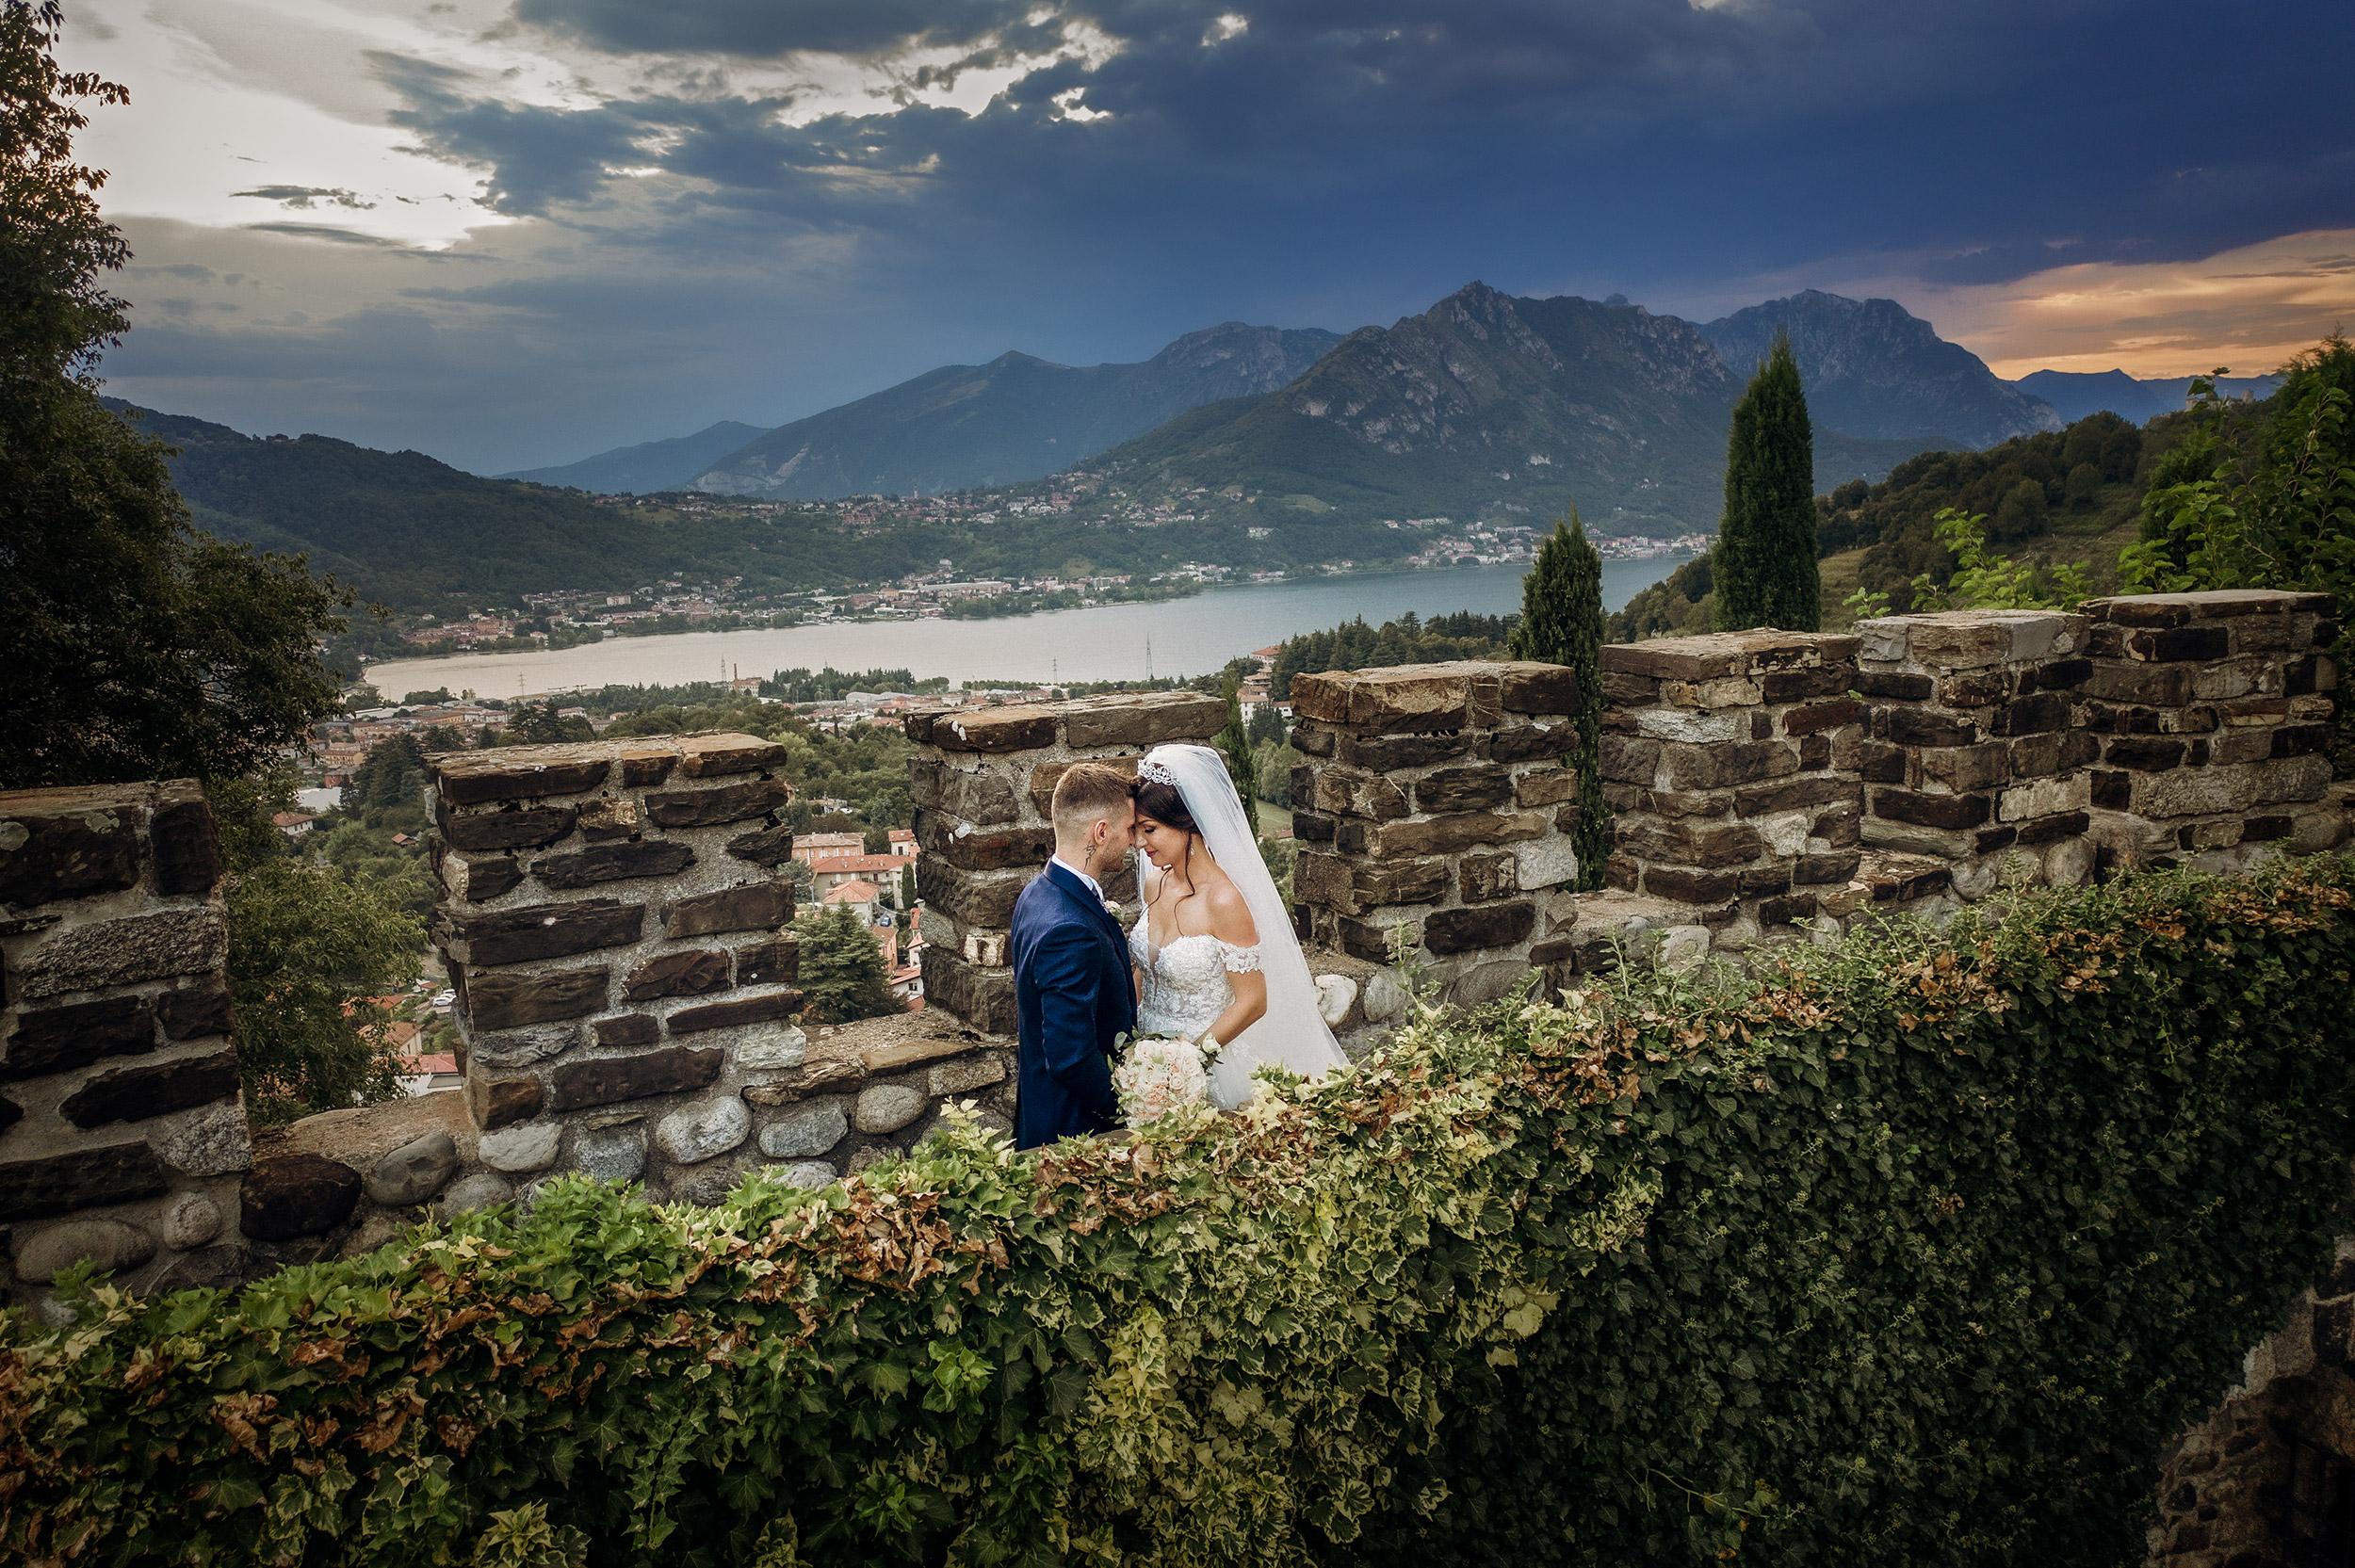 001 fotografo matrimonio lecco castello rossino 6